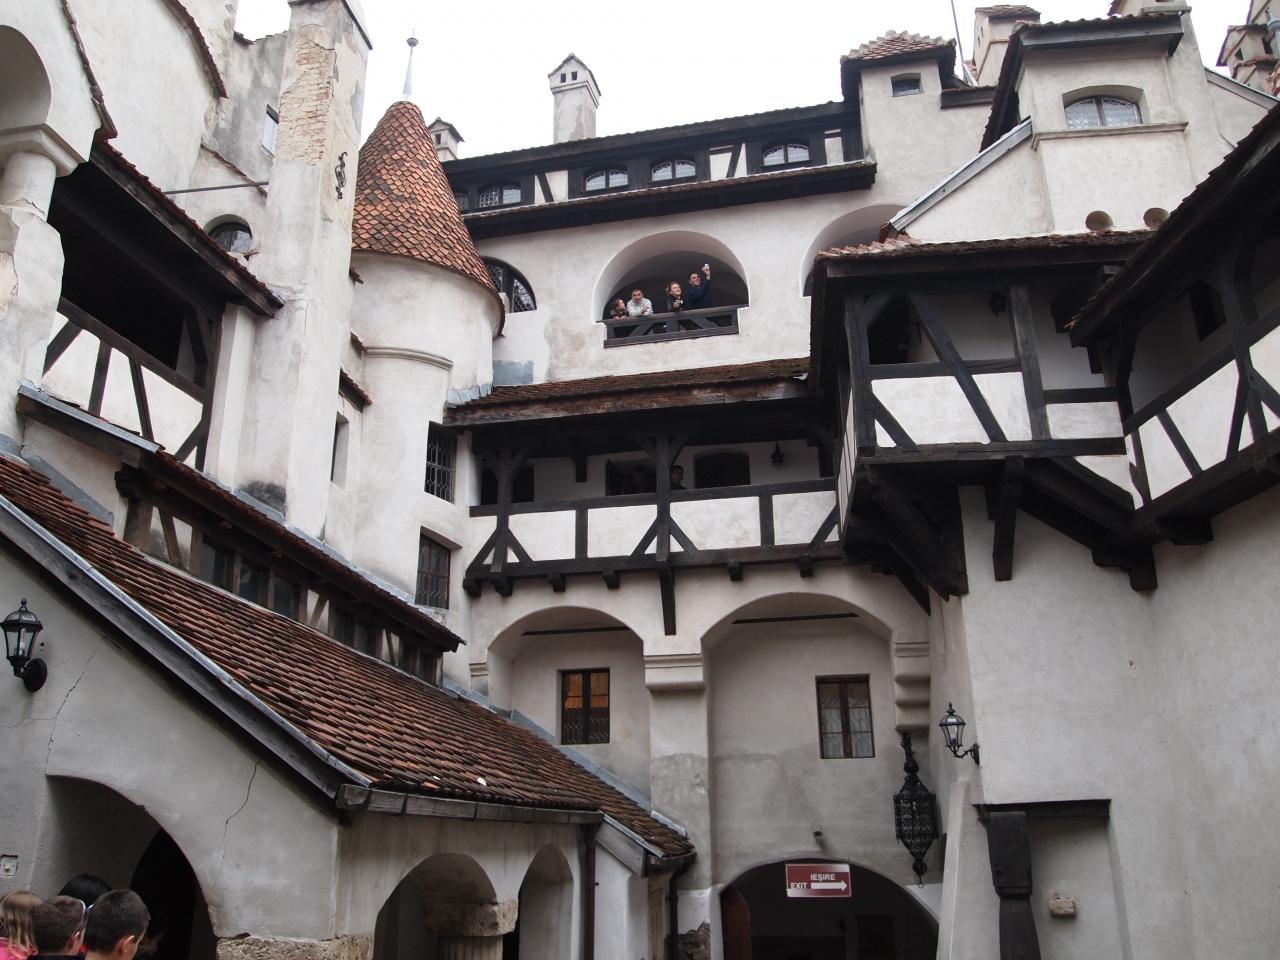 ルーマニア第2の都市ブラショフとドラキュラのブラン城